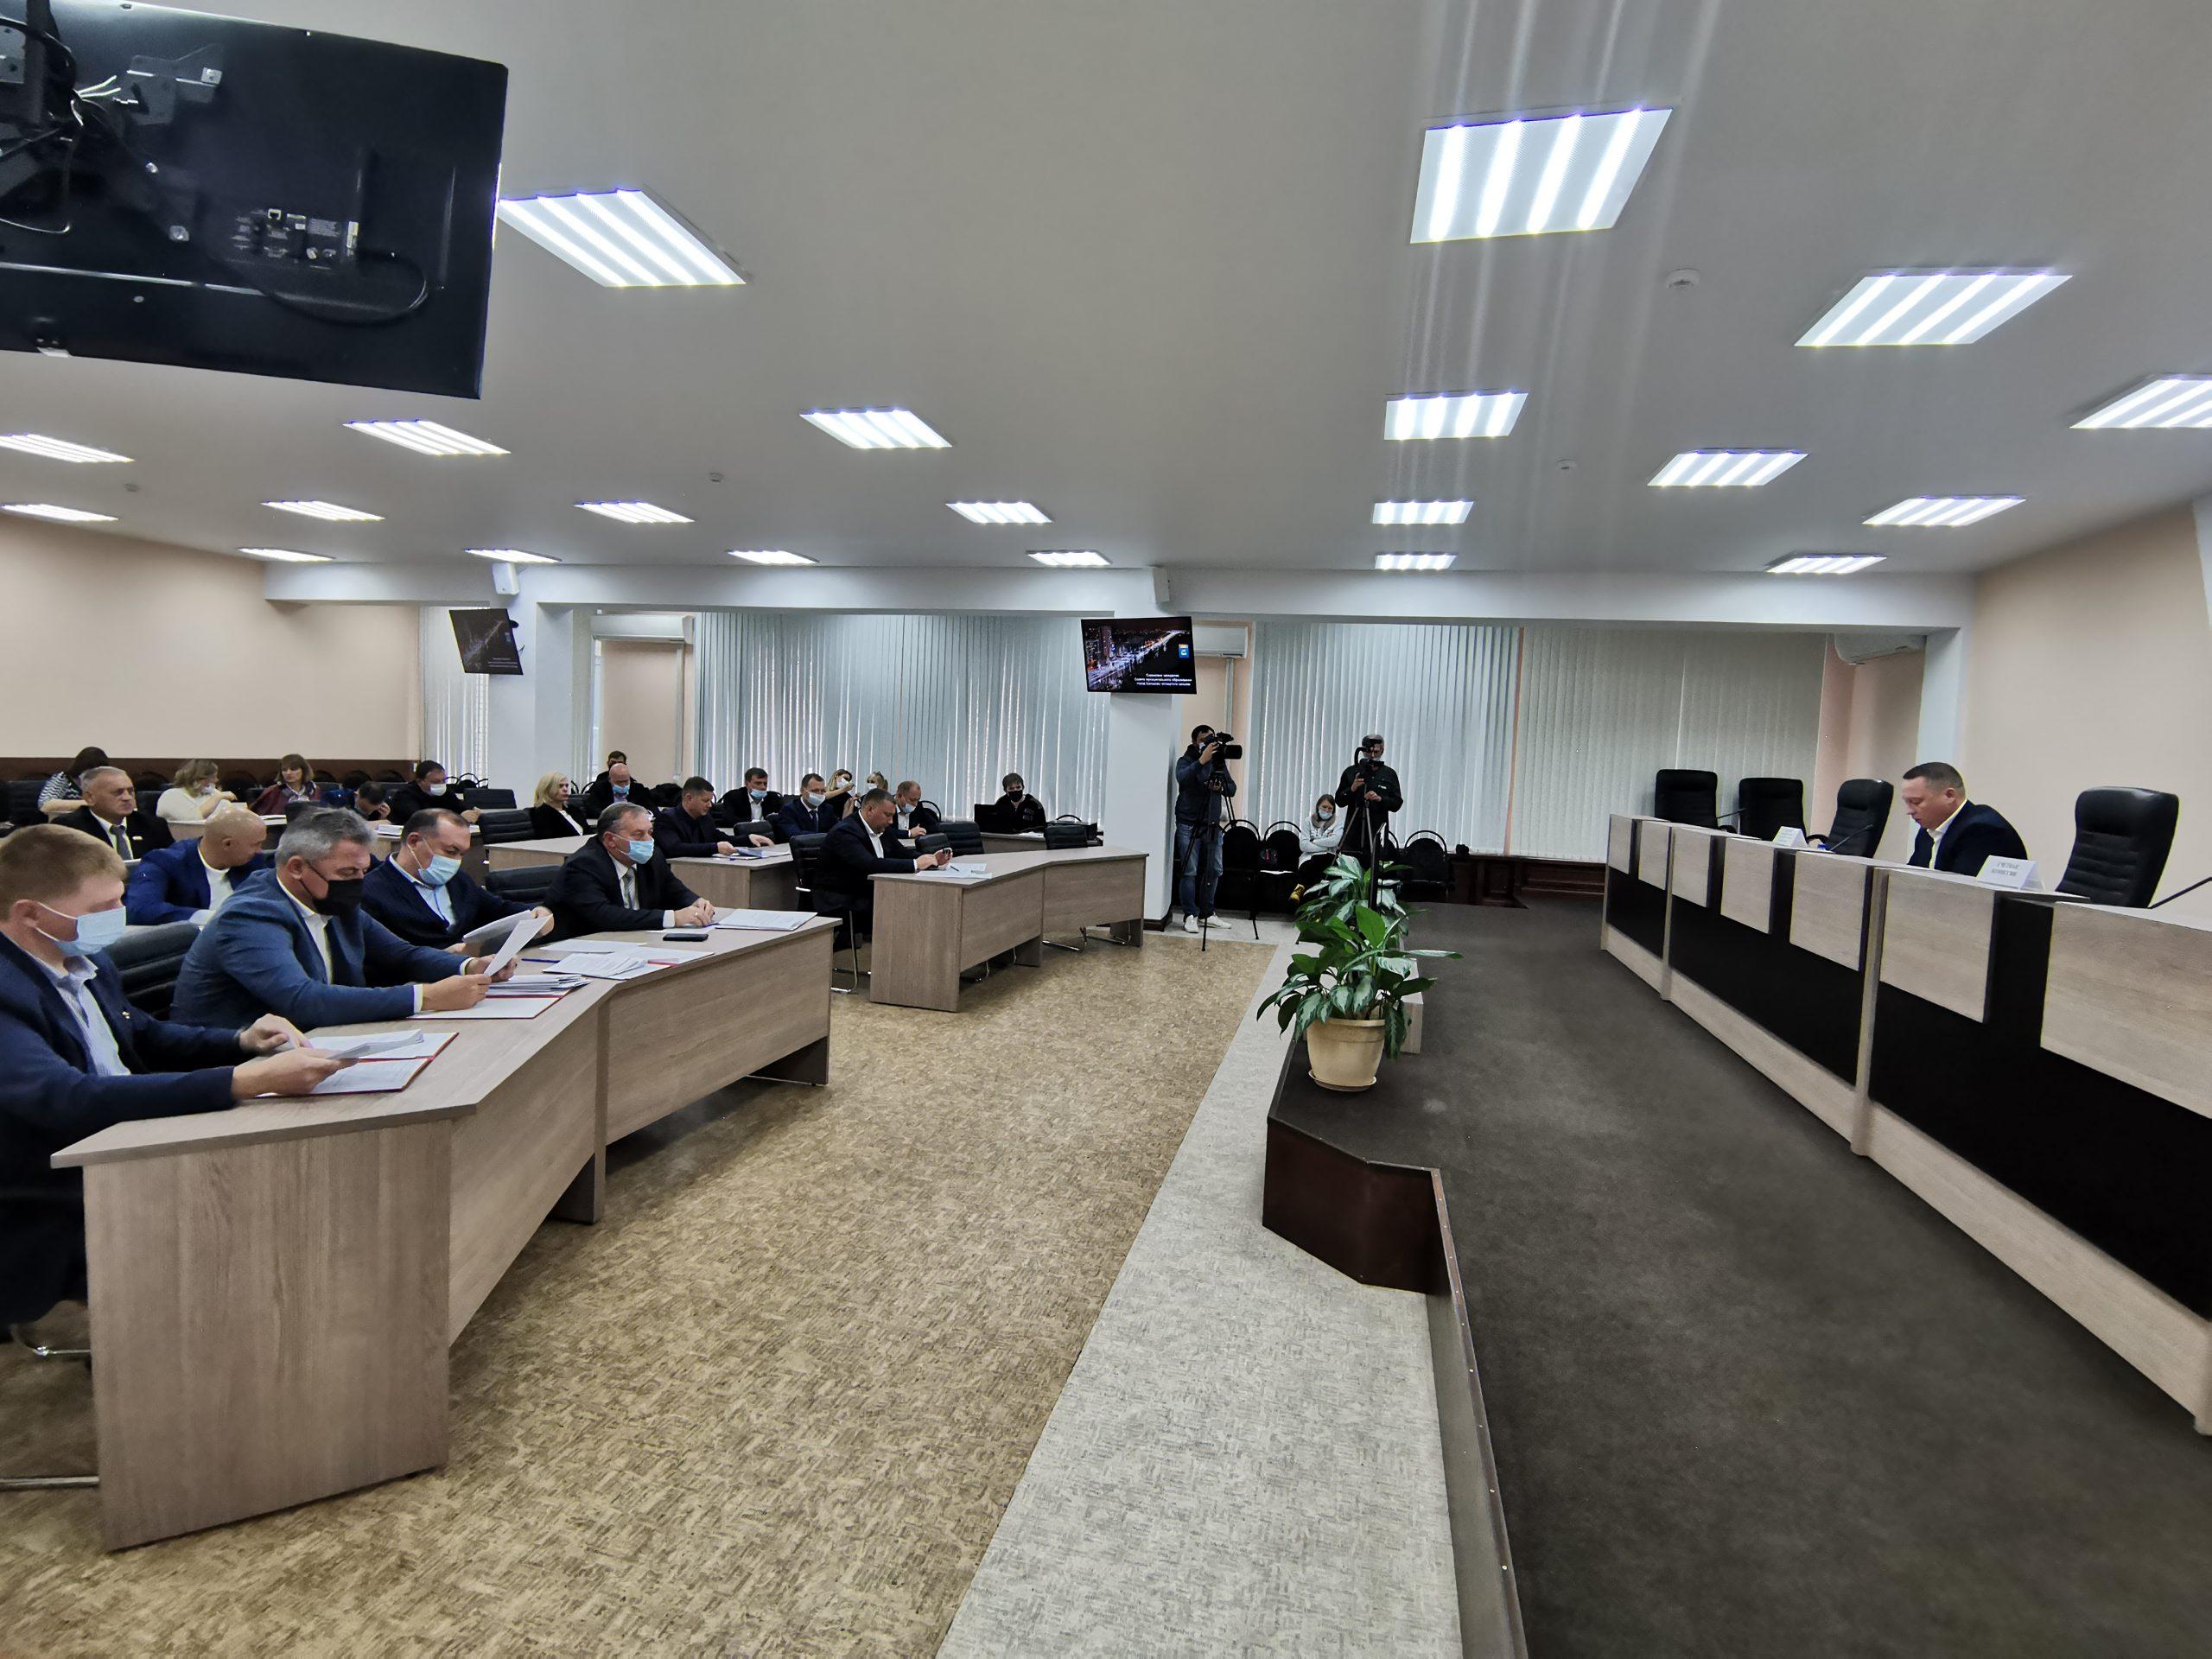 Депутаты рассмотрели вопрос присвоении звания «почетный гражданин города Балаково» Стряпчеву Николаю Лаврентьевичу